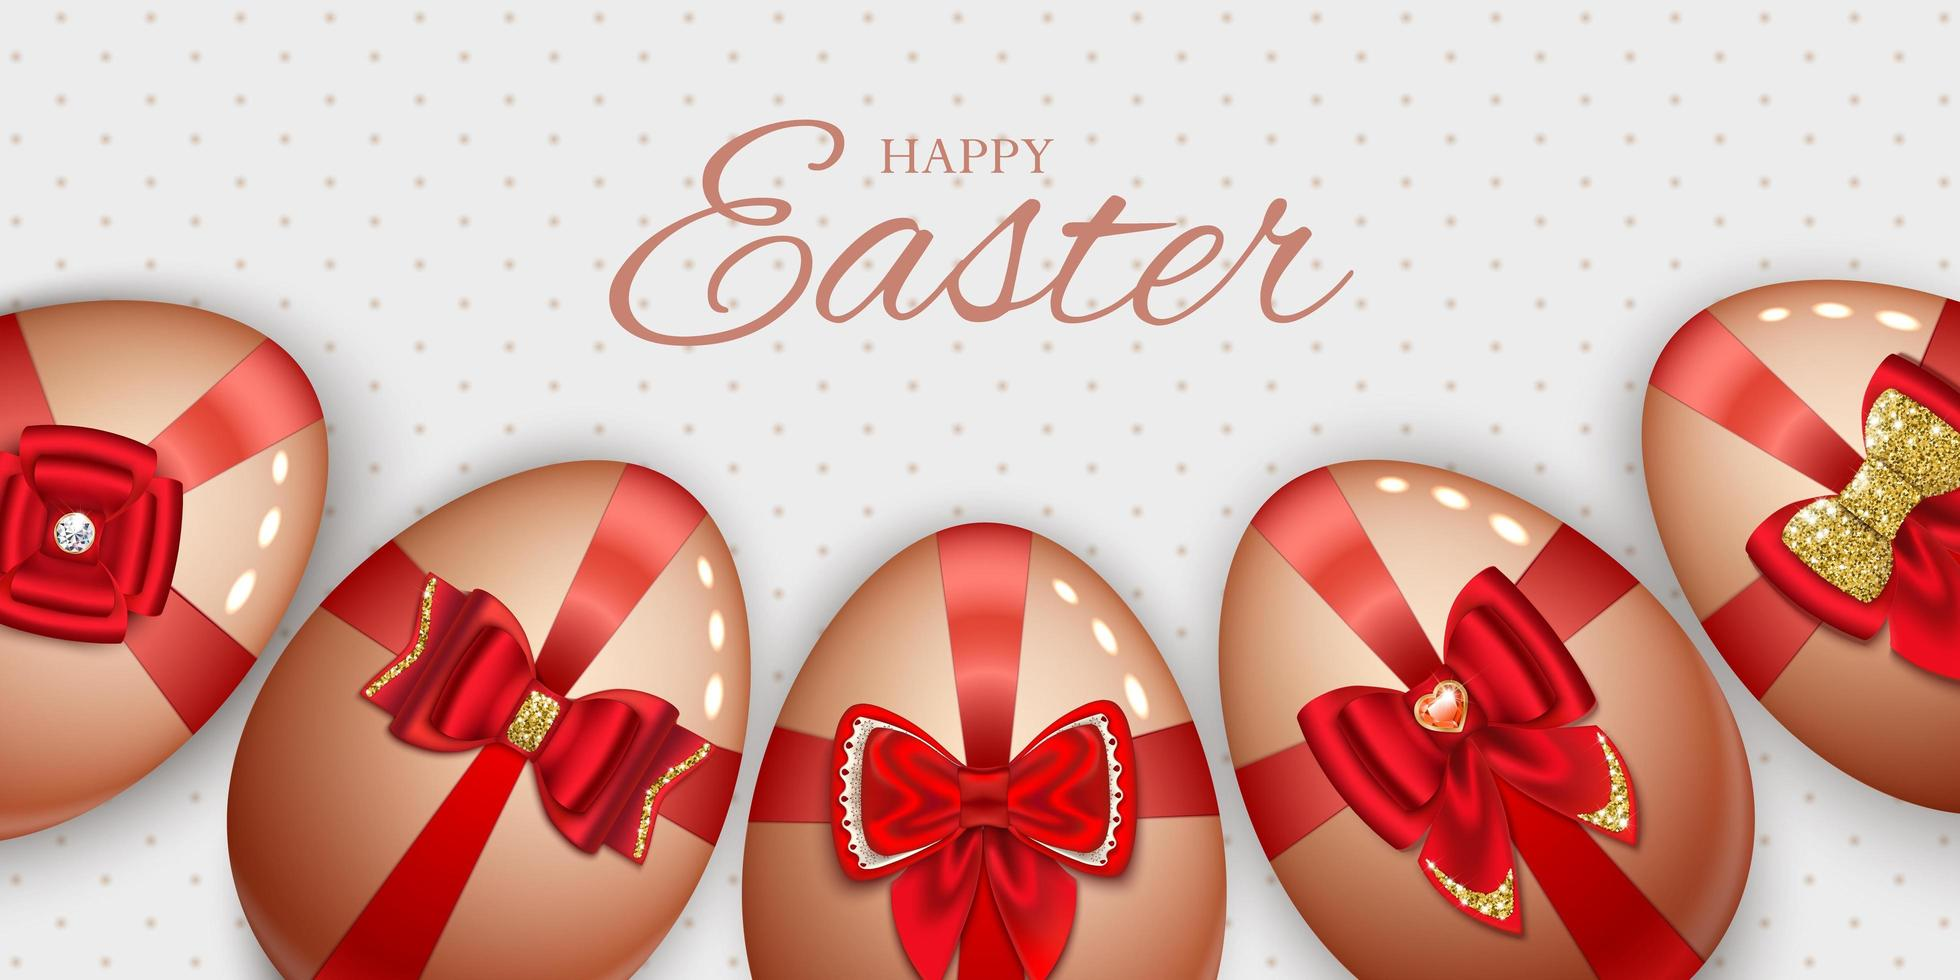 banner di buona Pasqua con uova con fiocchi vettore